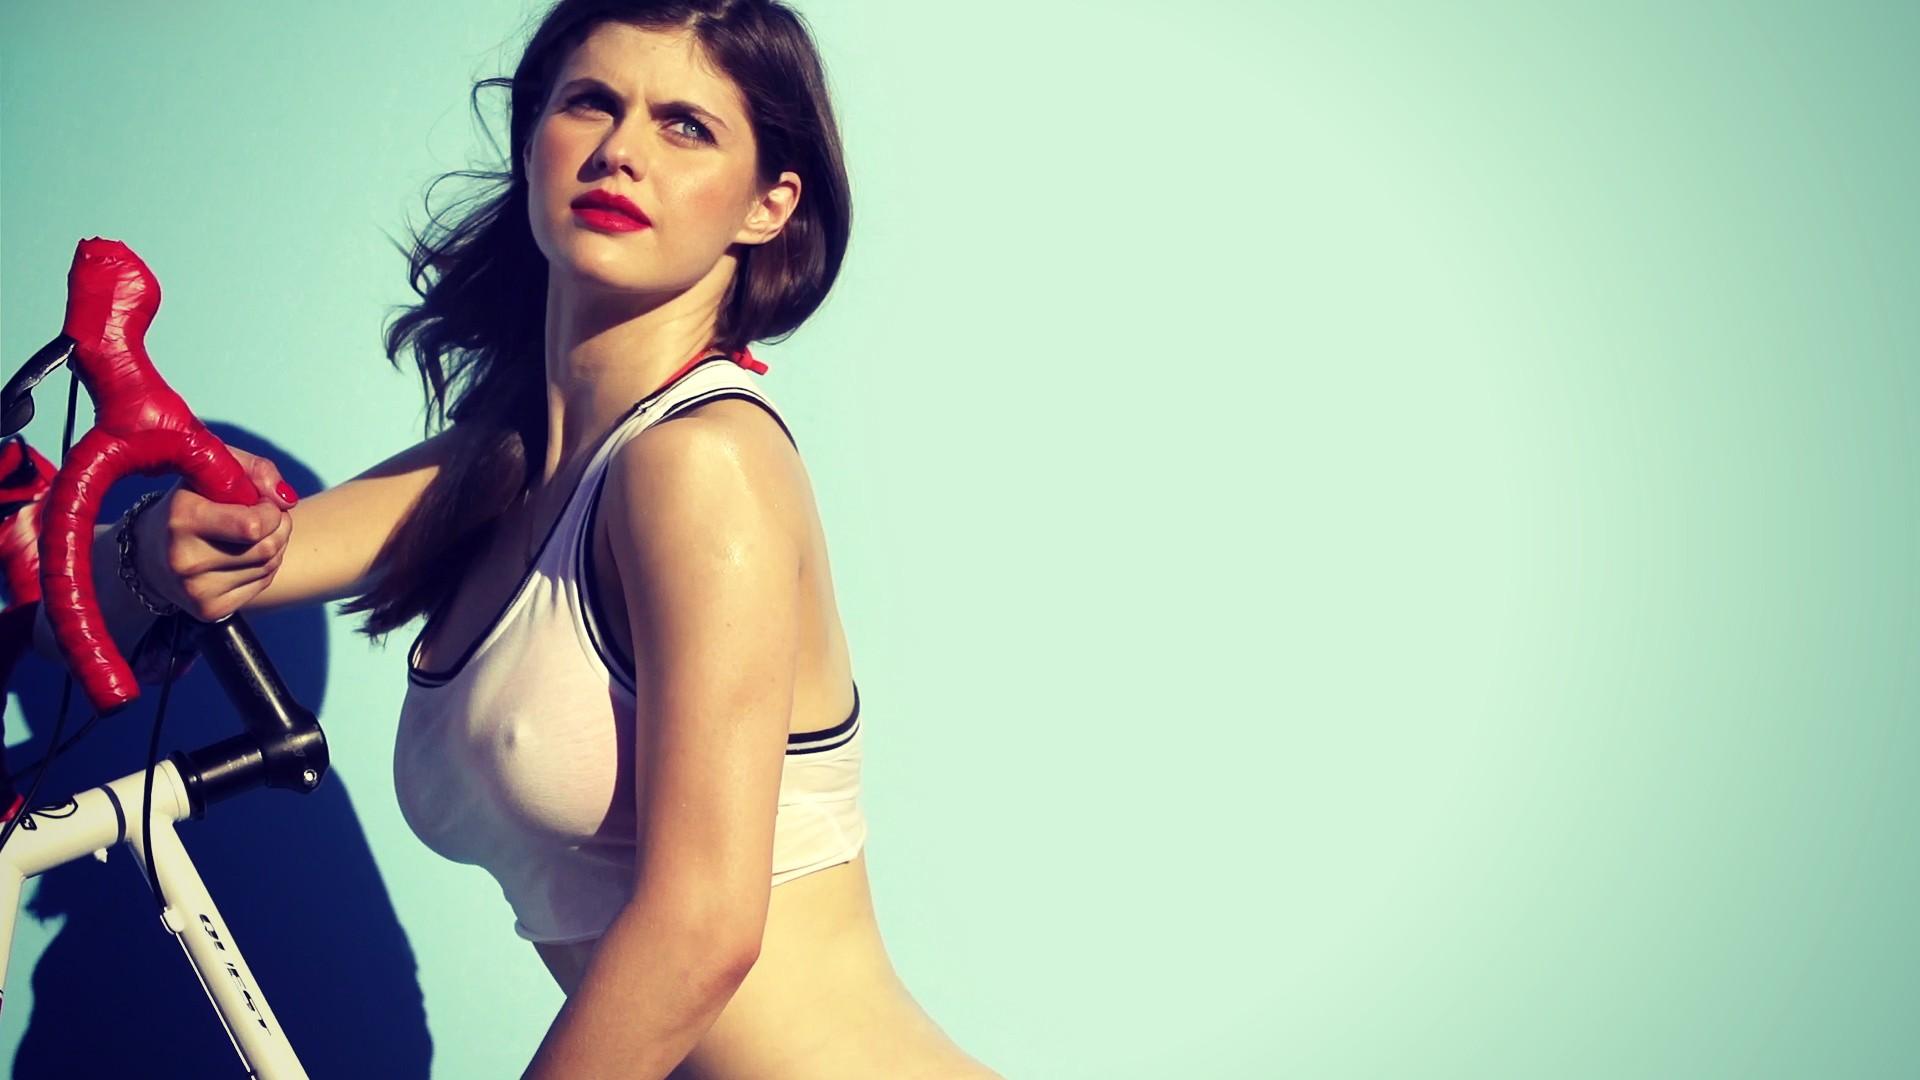 Hot sexy naked girls upskirt